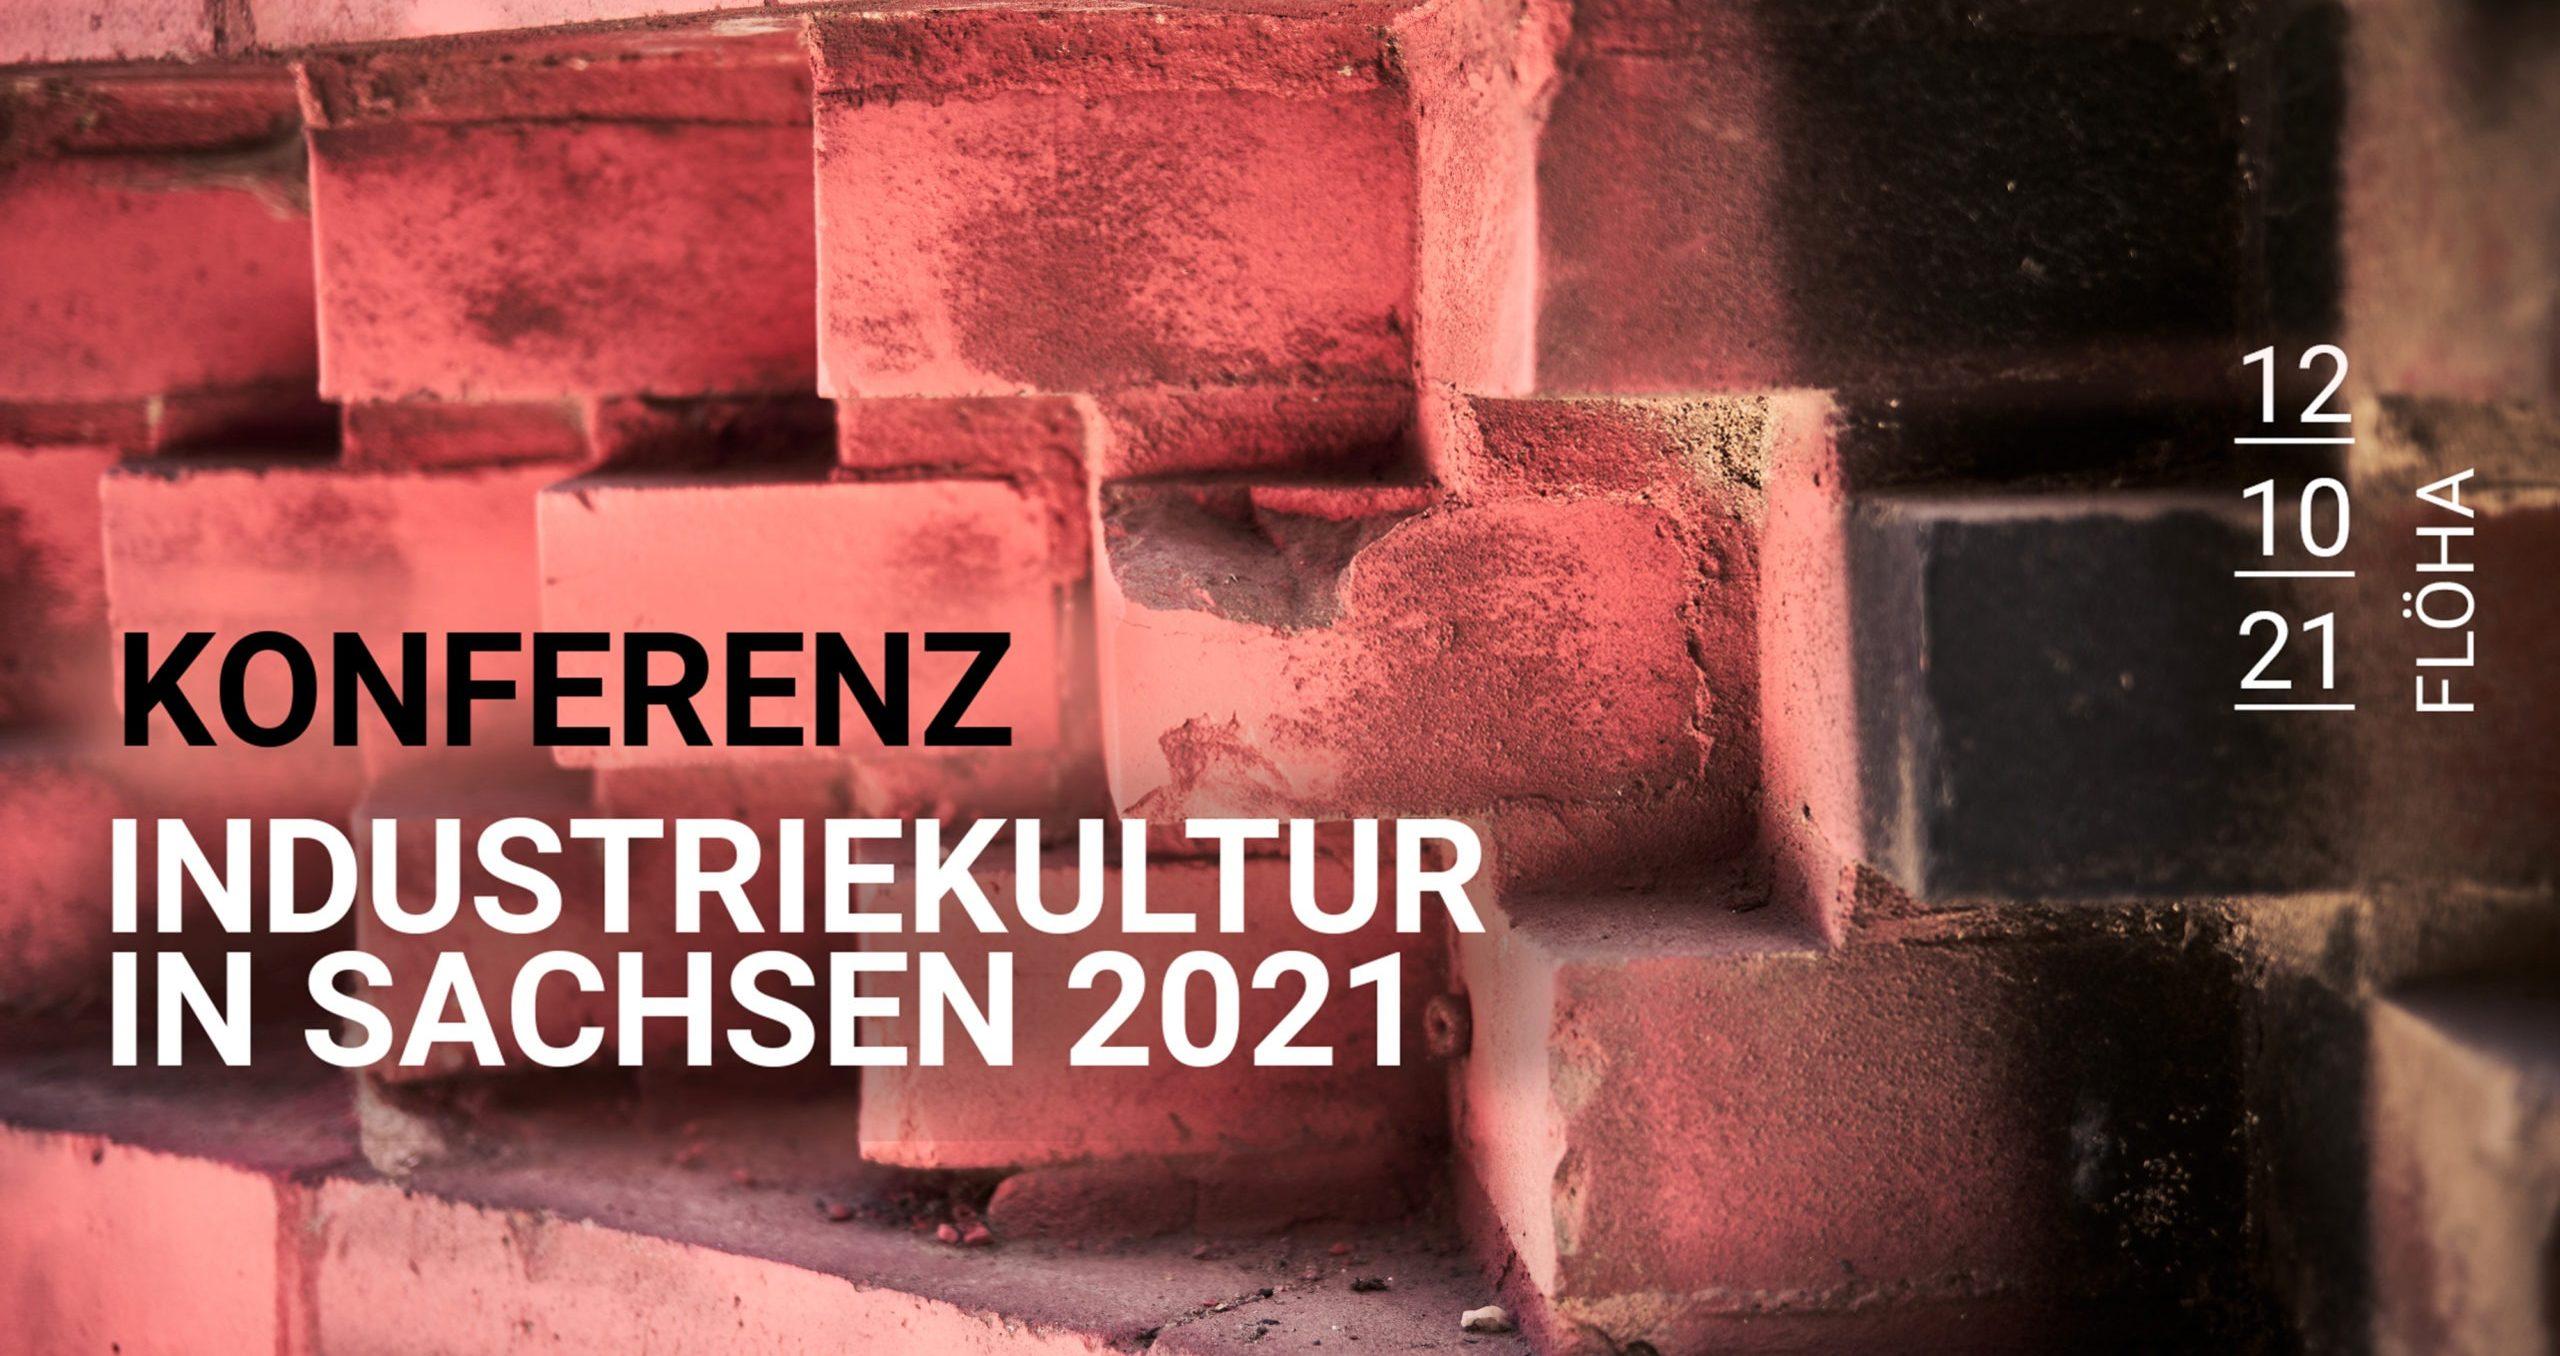 Konferenz Industriekultur Sachsen 2021